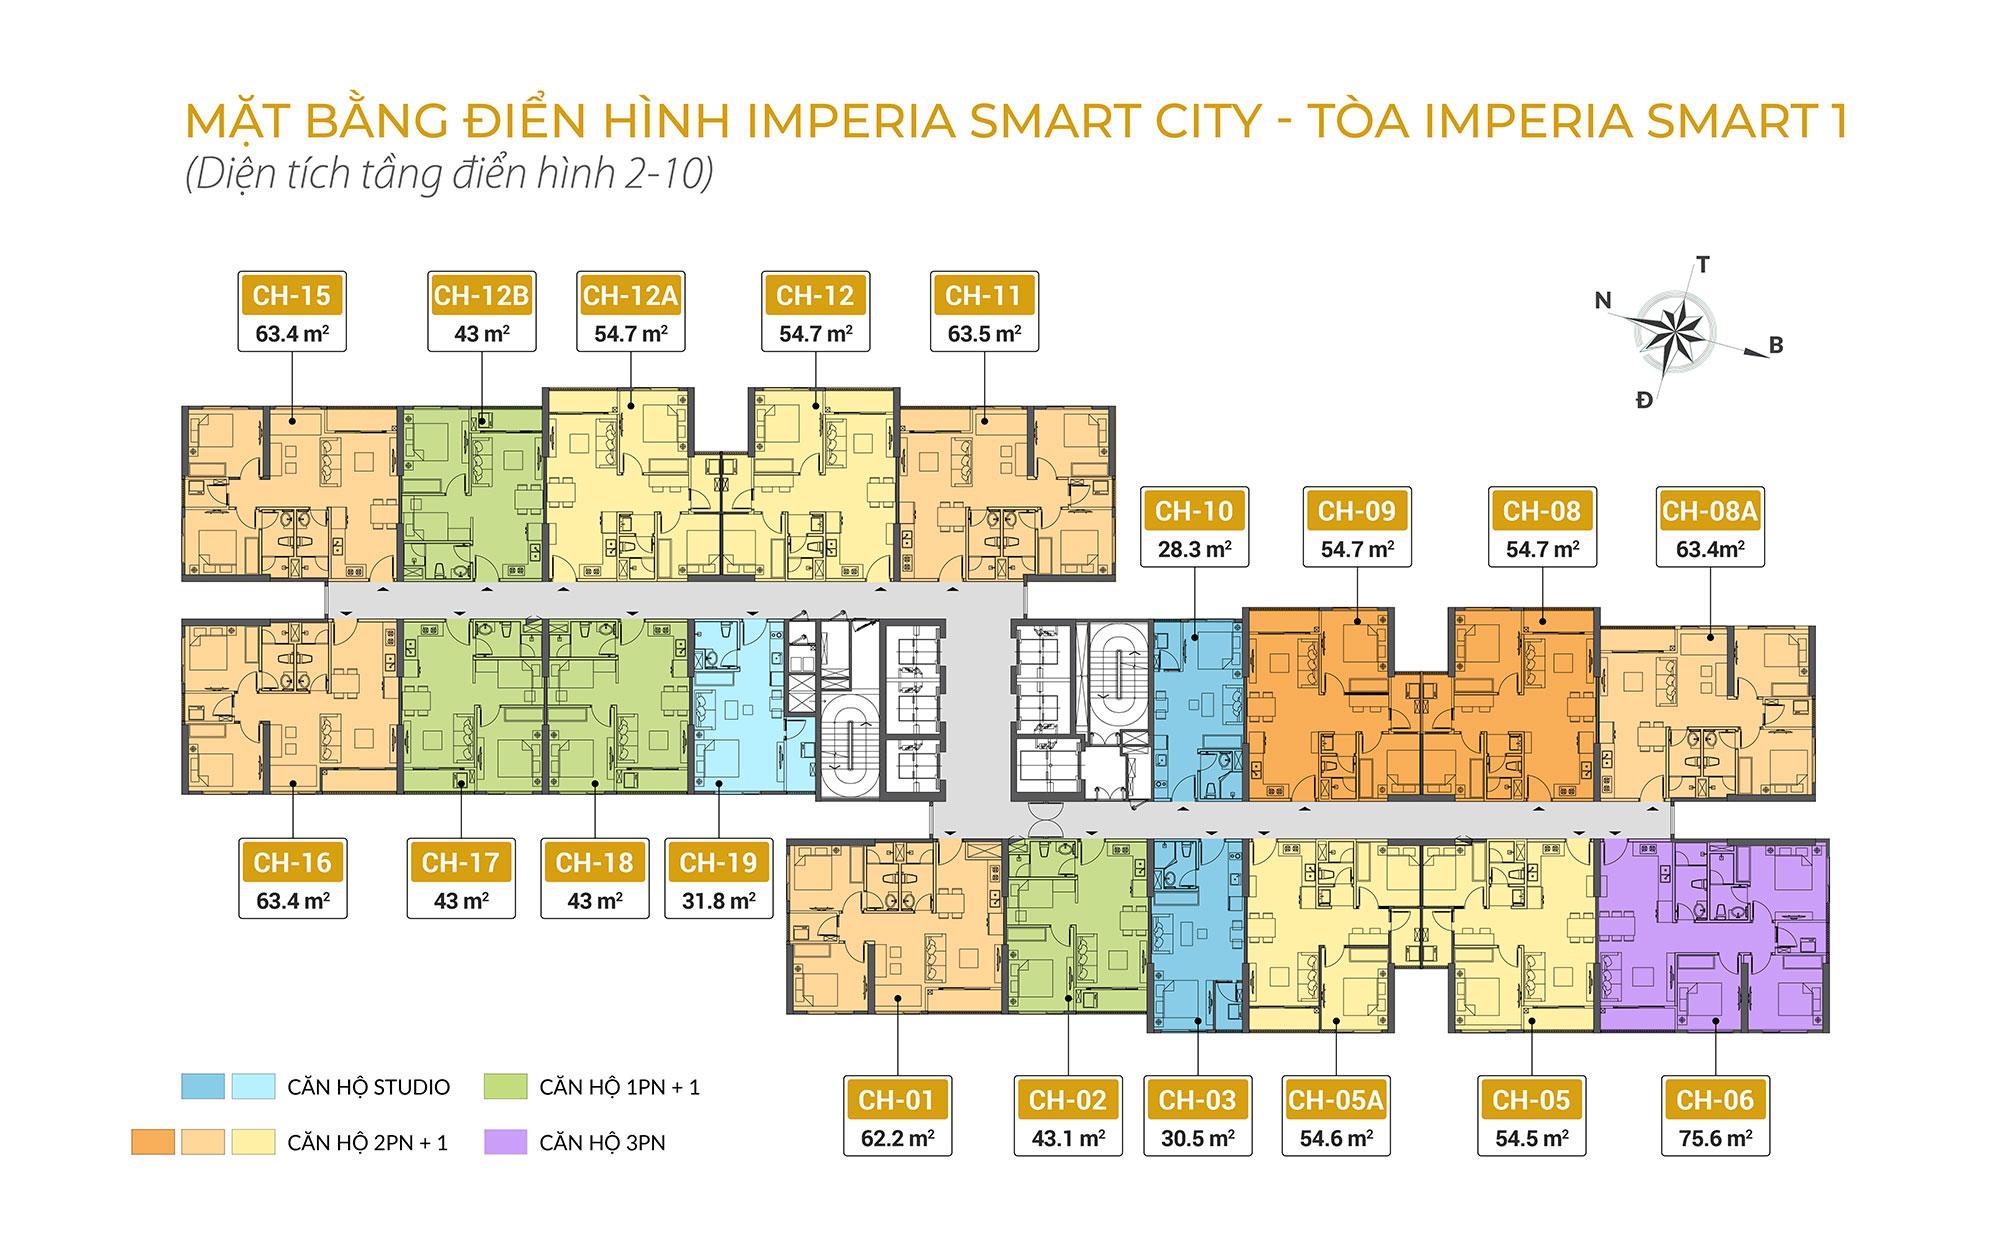 mat-bang-tang-2-10-toa-imperia-smart-1-imperia-smart-city